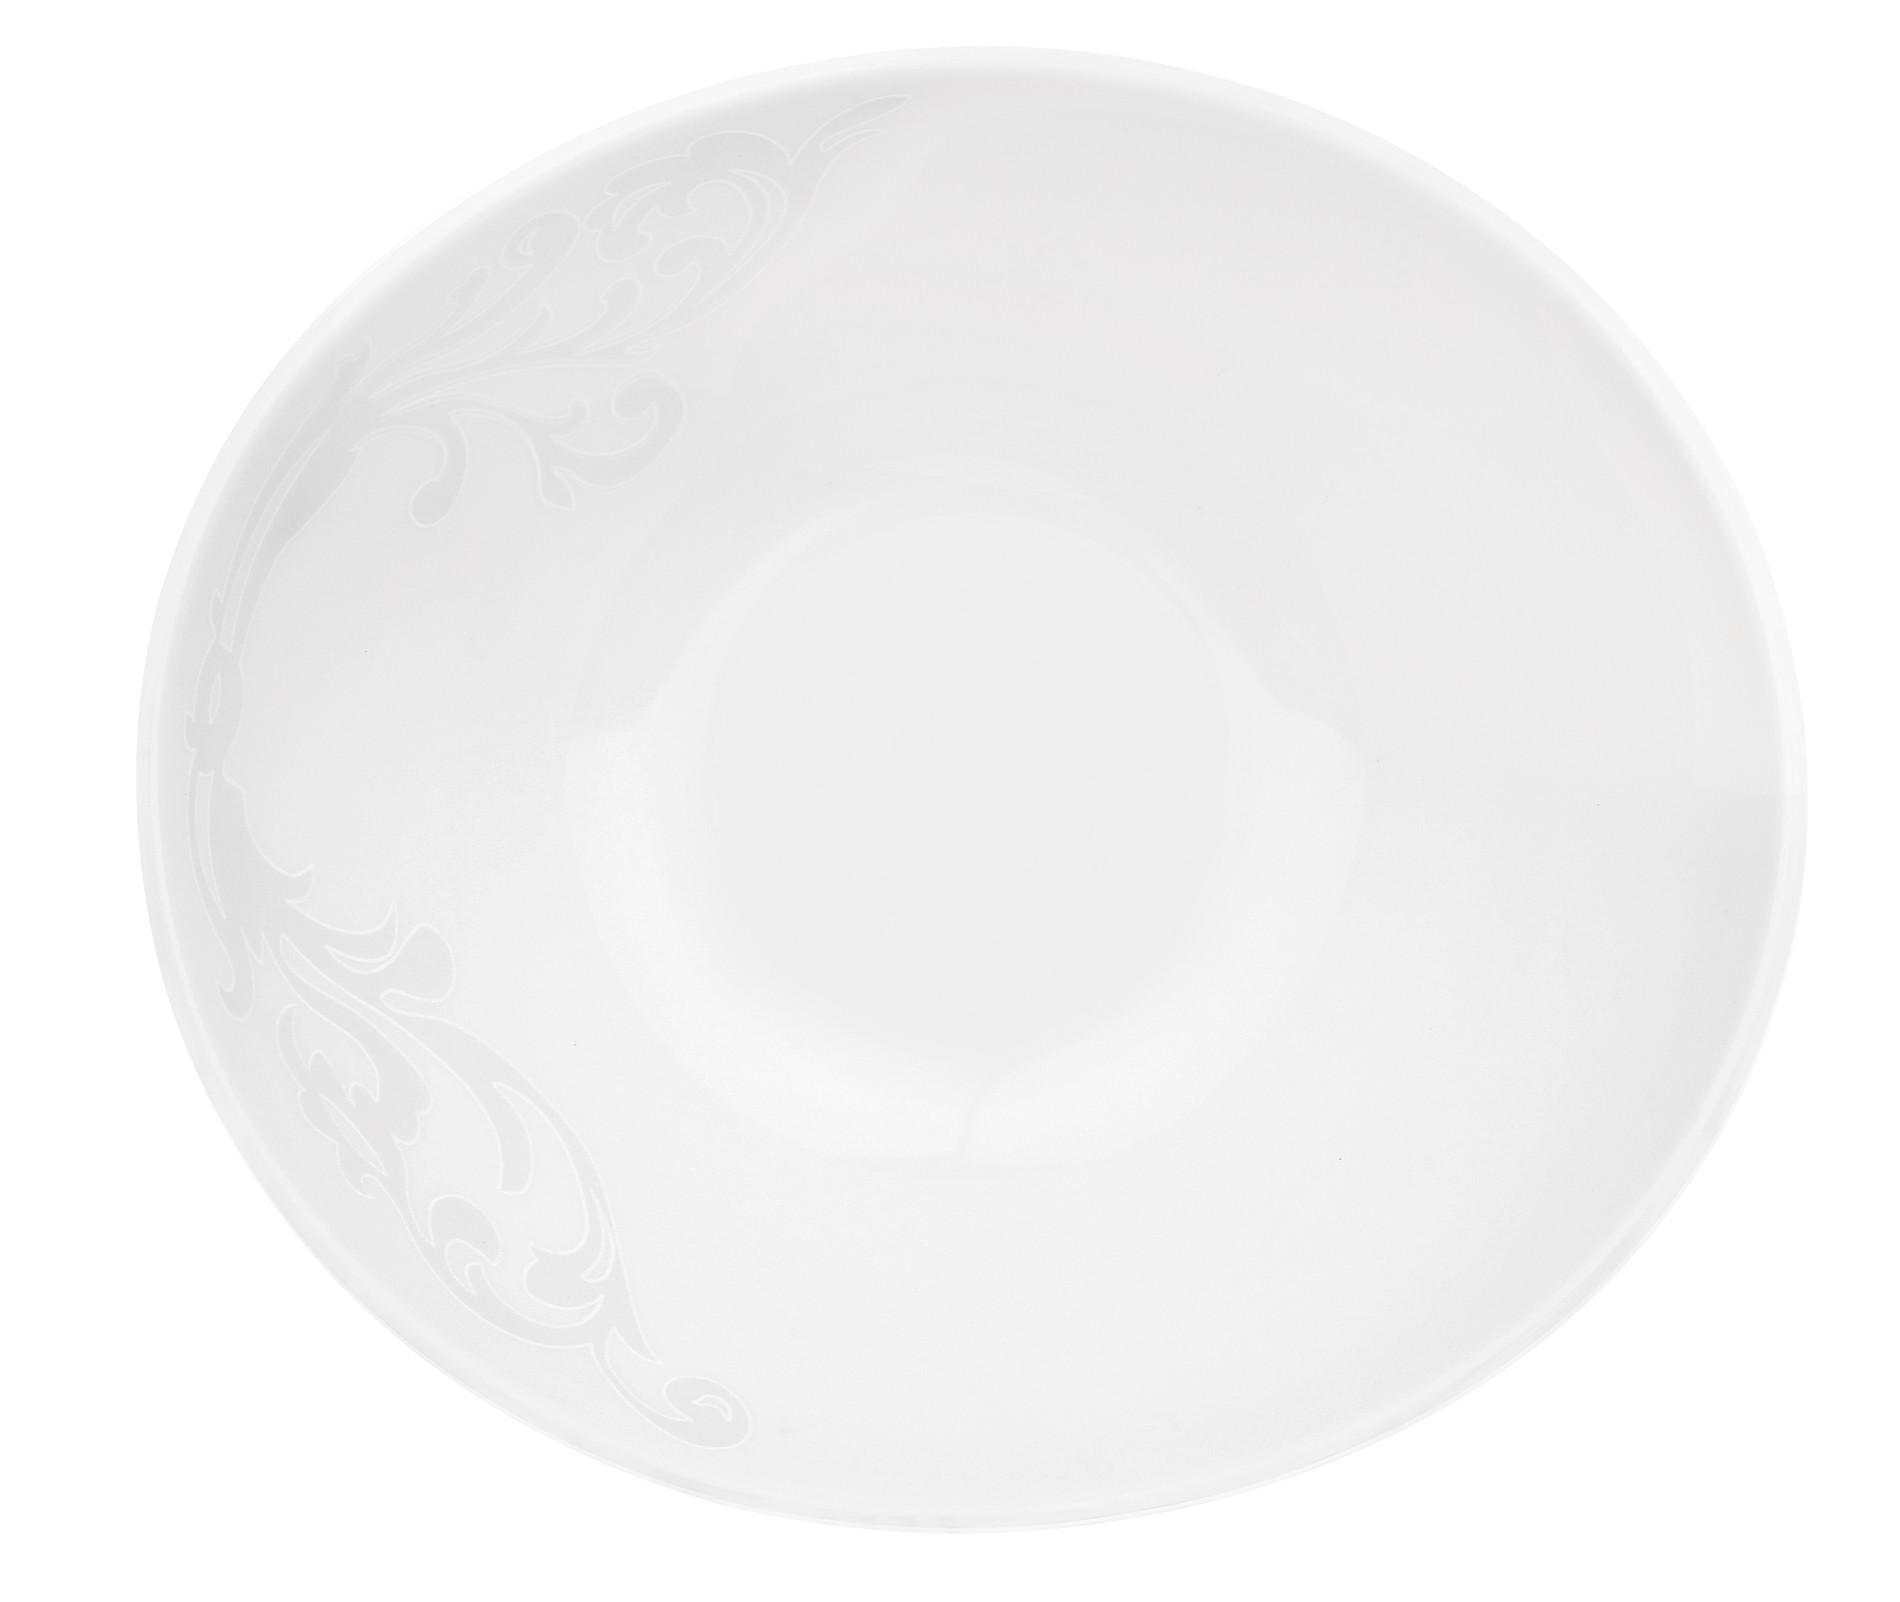 Πιάτο Βαθύ Οβάλ Σετ 6Τμχ Romance 18cm Ionia home   ειδη σερβιρισματος   πιάτα